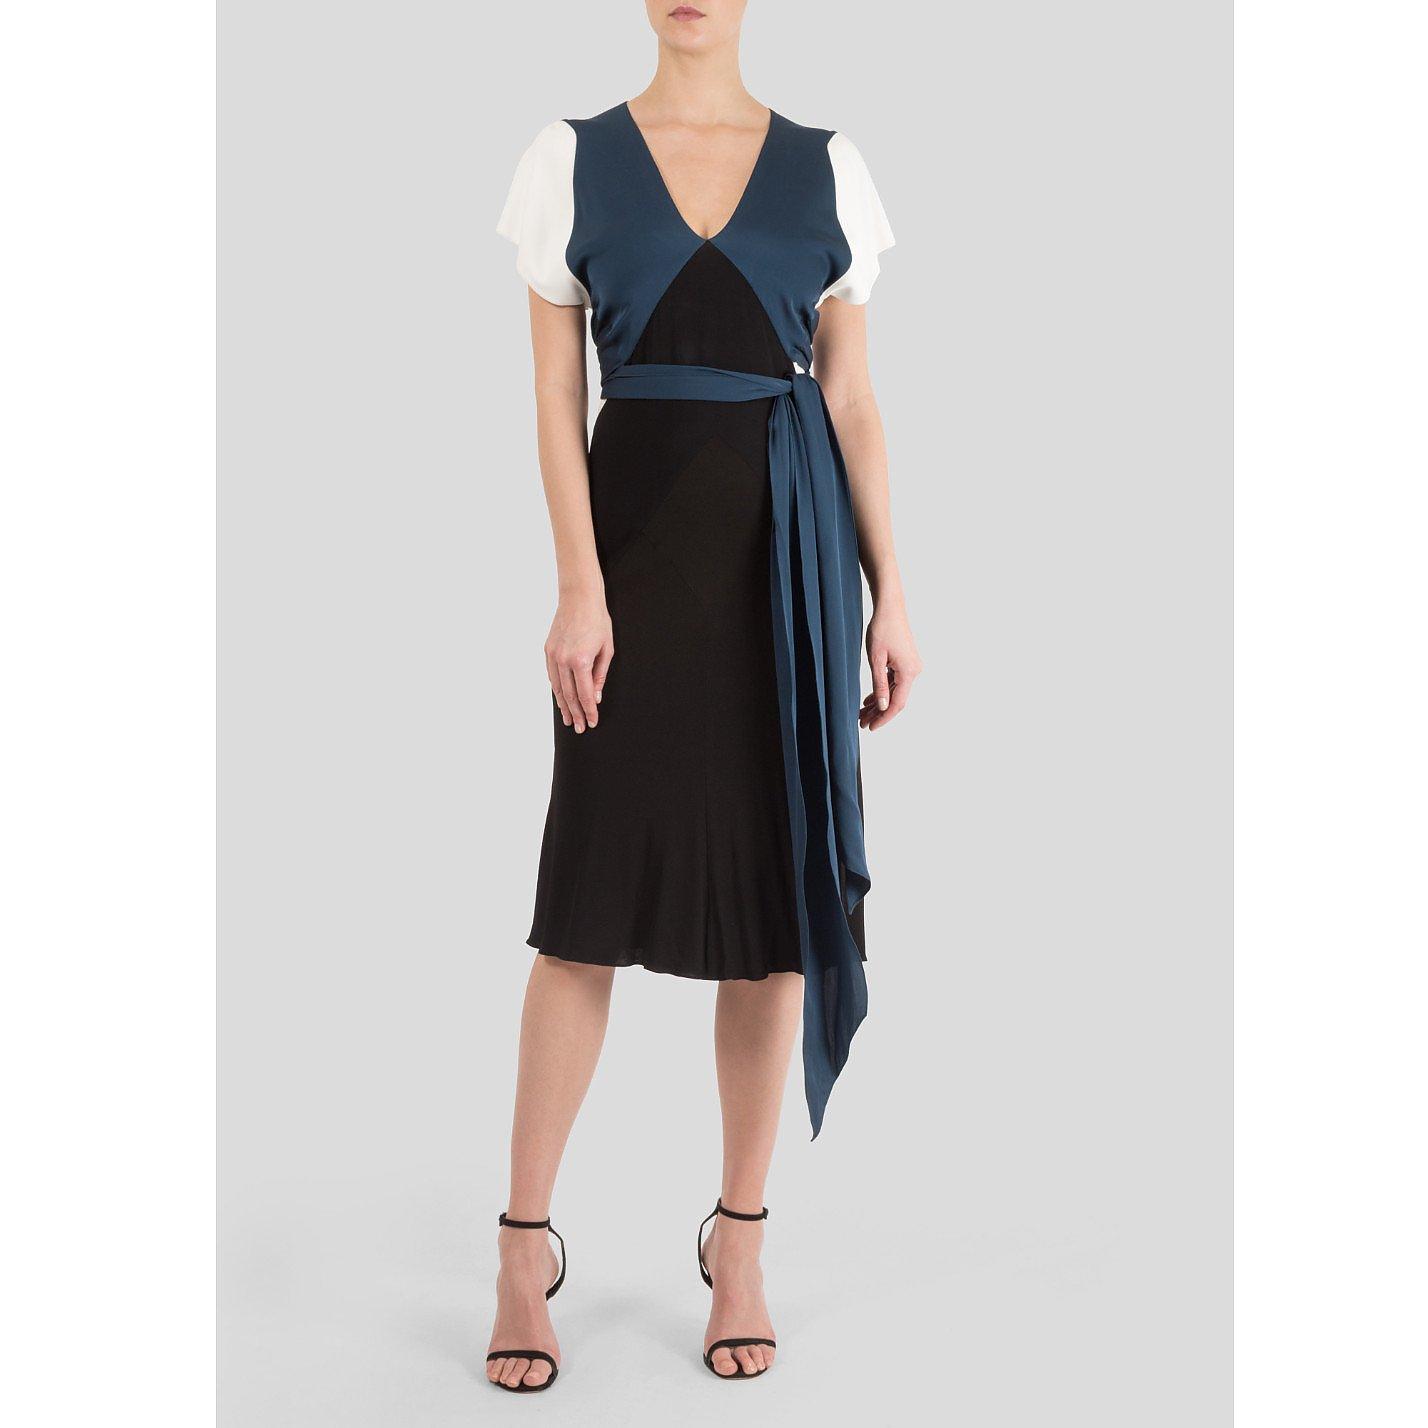 Vionnet Colour Block Dress